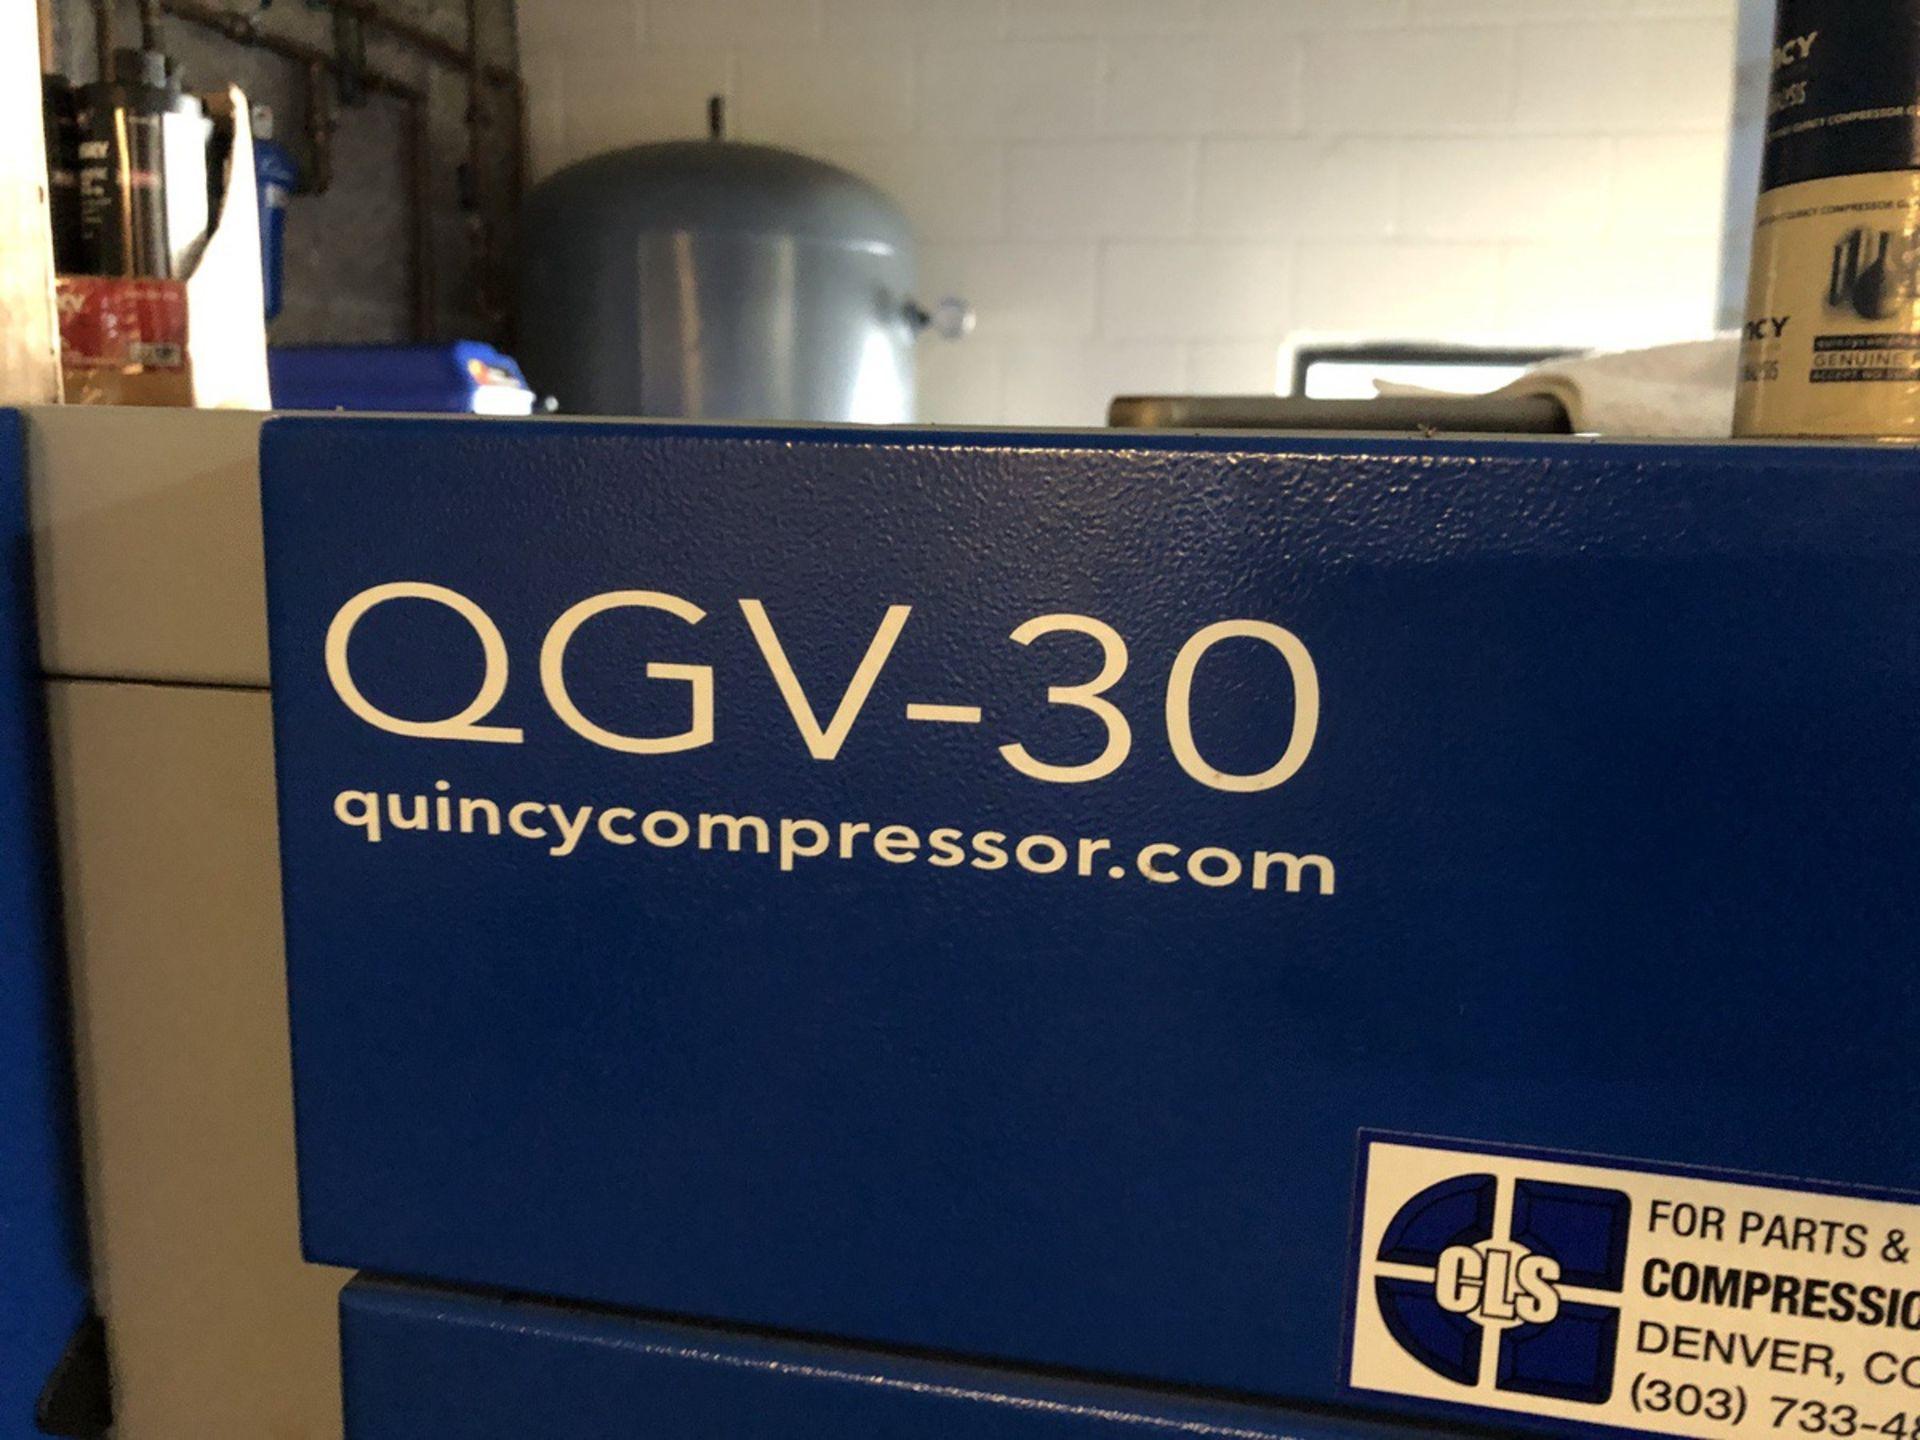 Lot 38 - 2013 Quincy QGV-30 Air Compressor   Rig Fee: $400